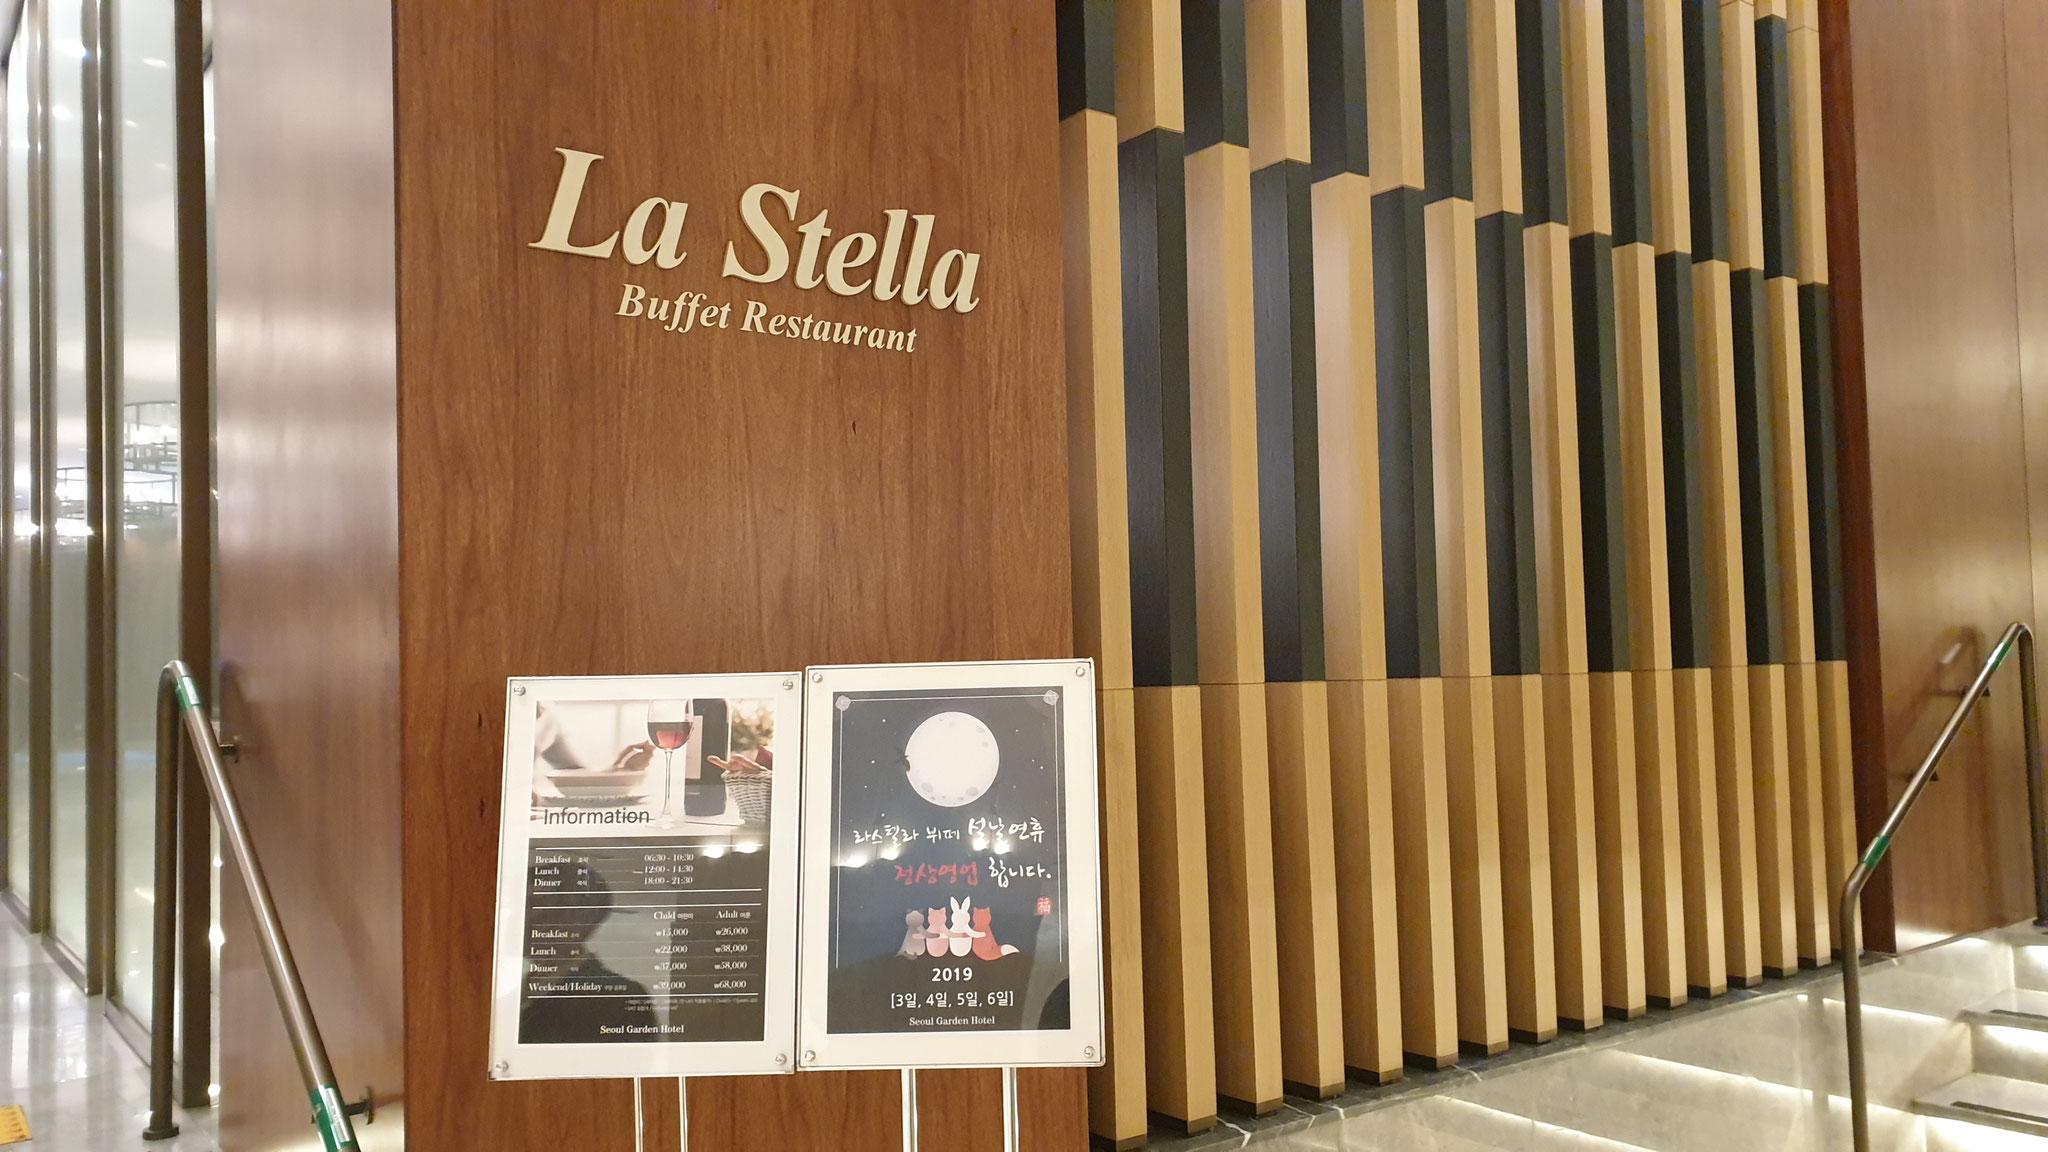 2019年1月29日(土): ローン総会・新年会 @La Stella in Best Western Premier Seoul Garden Hotel (麻浦駅近く)